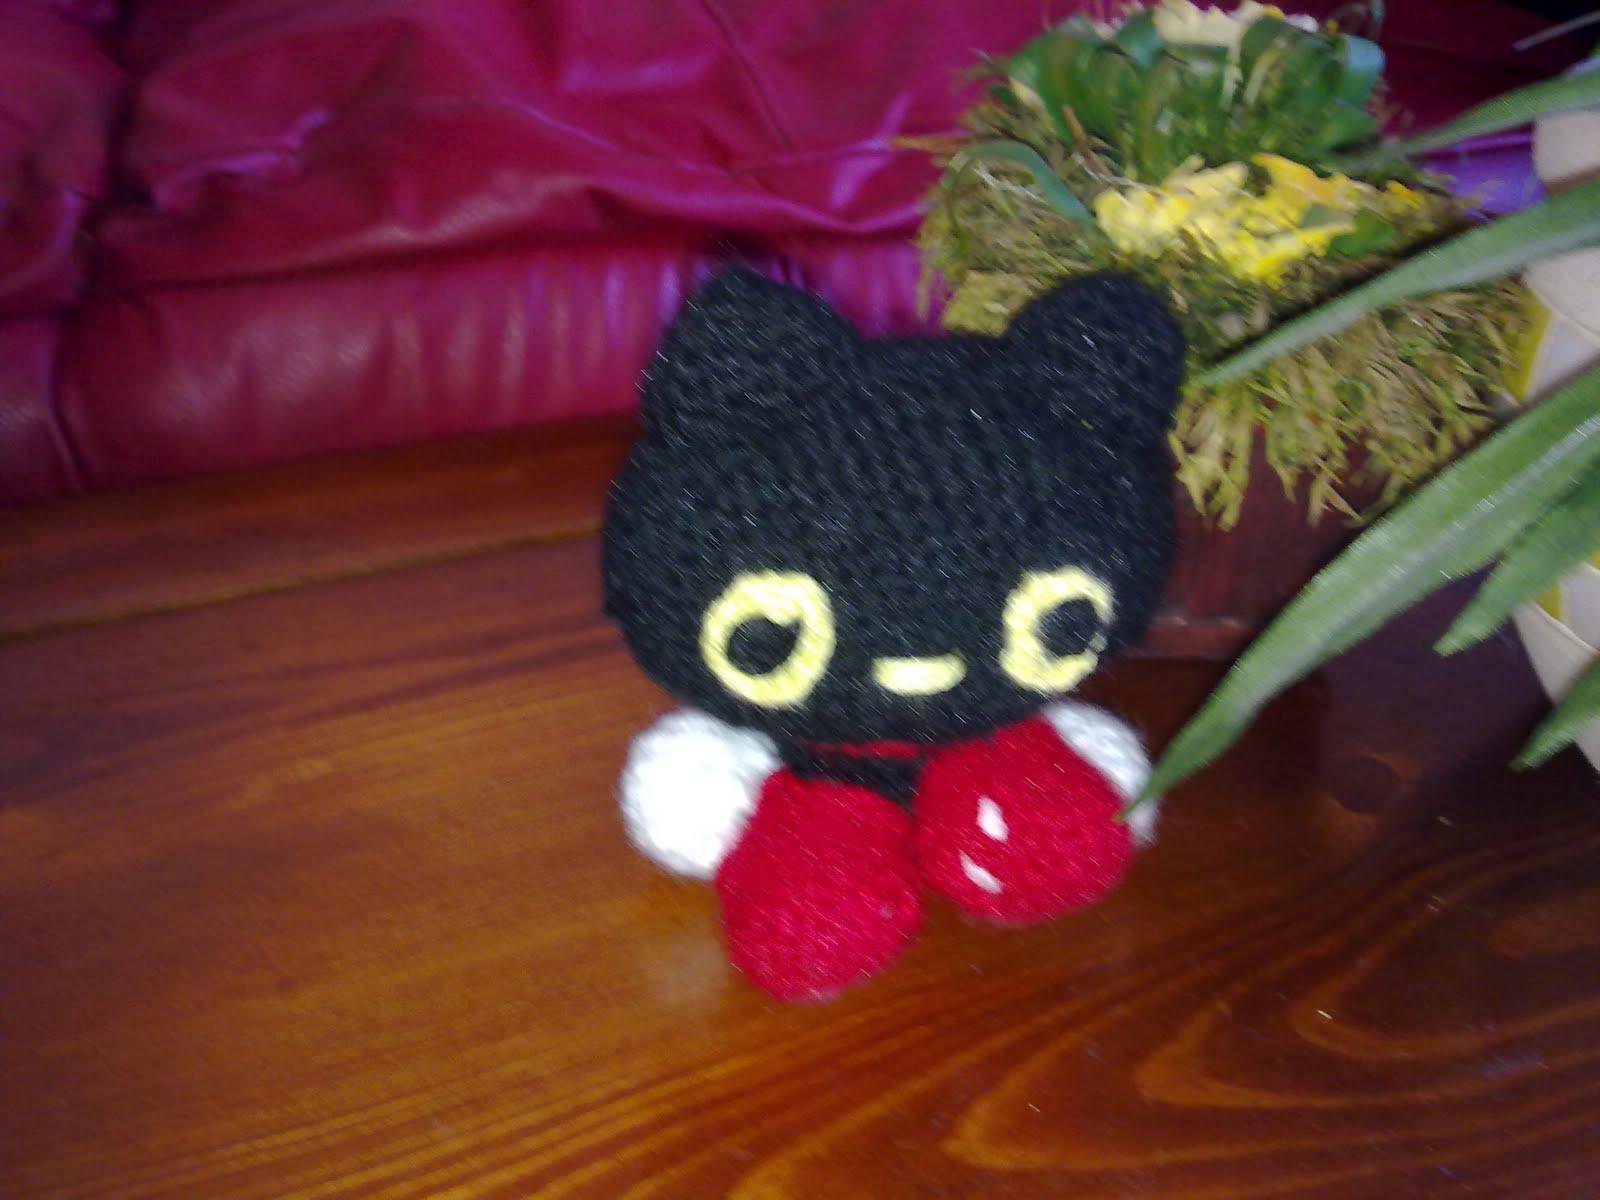 Amigurumi Gato Negro : Amigurumis con yokita: gato amigurumi negro terminado